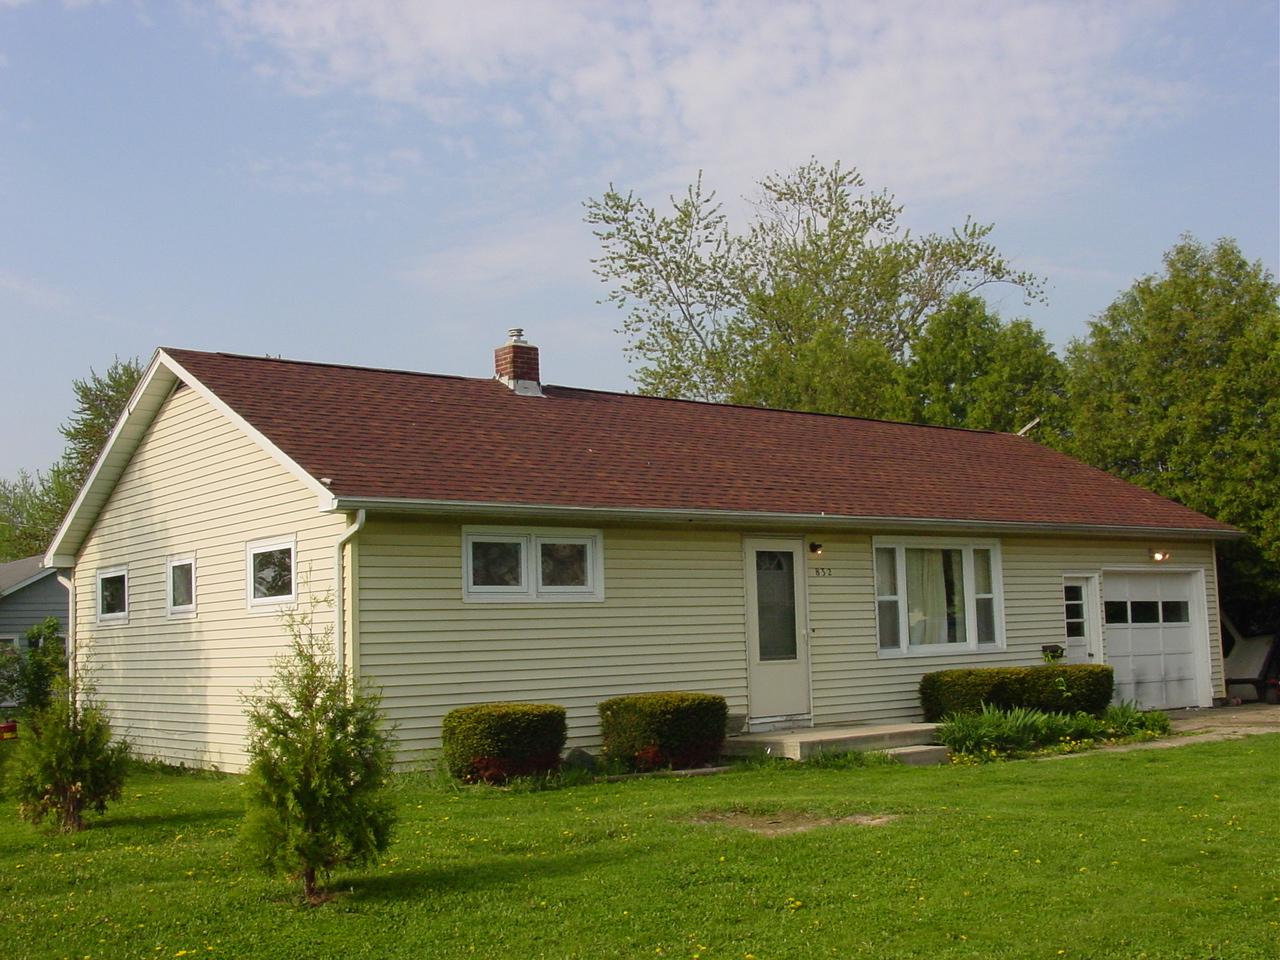 832 E. Wilson St., Bryan, Ohio 43506